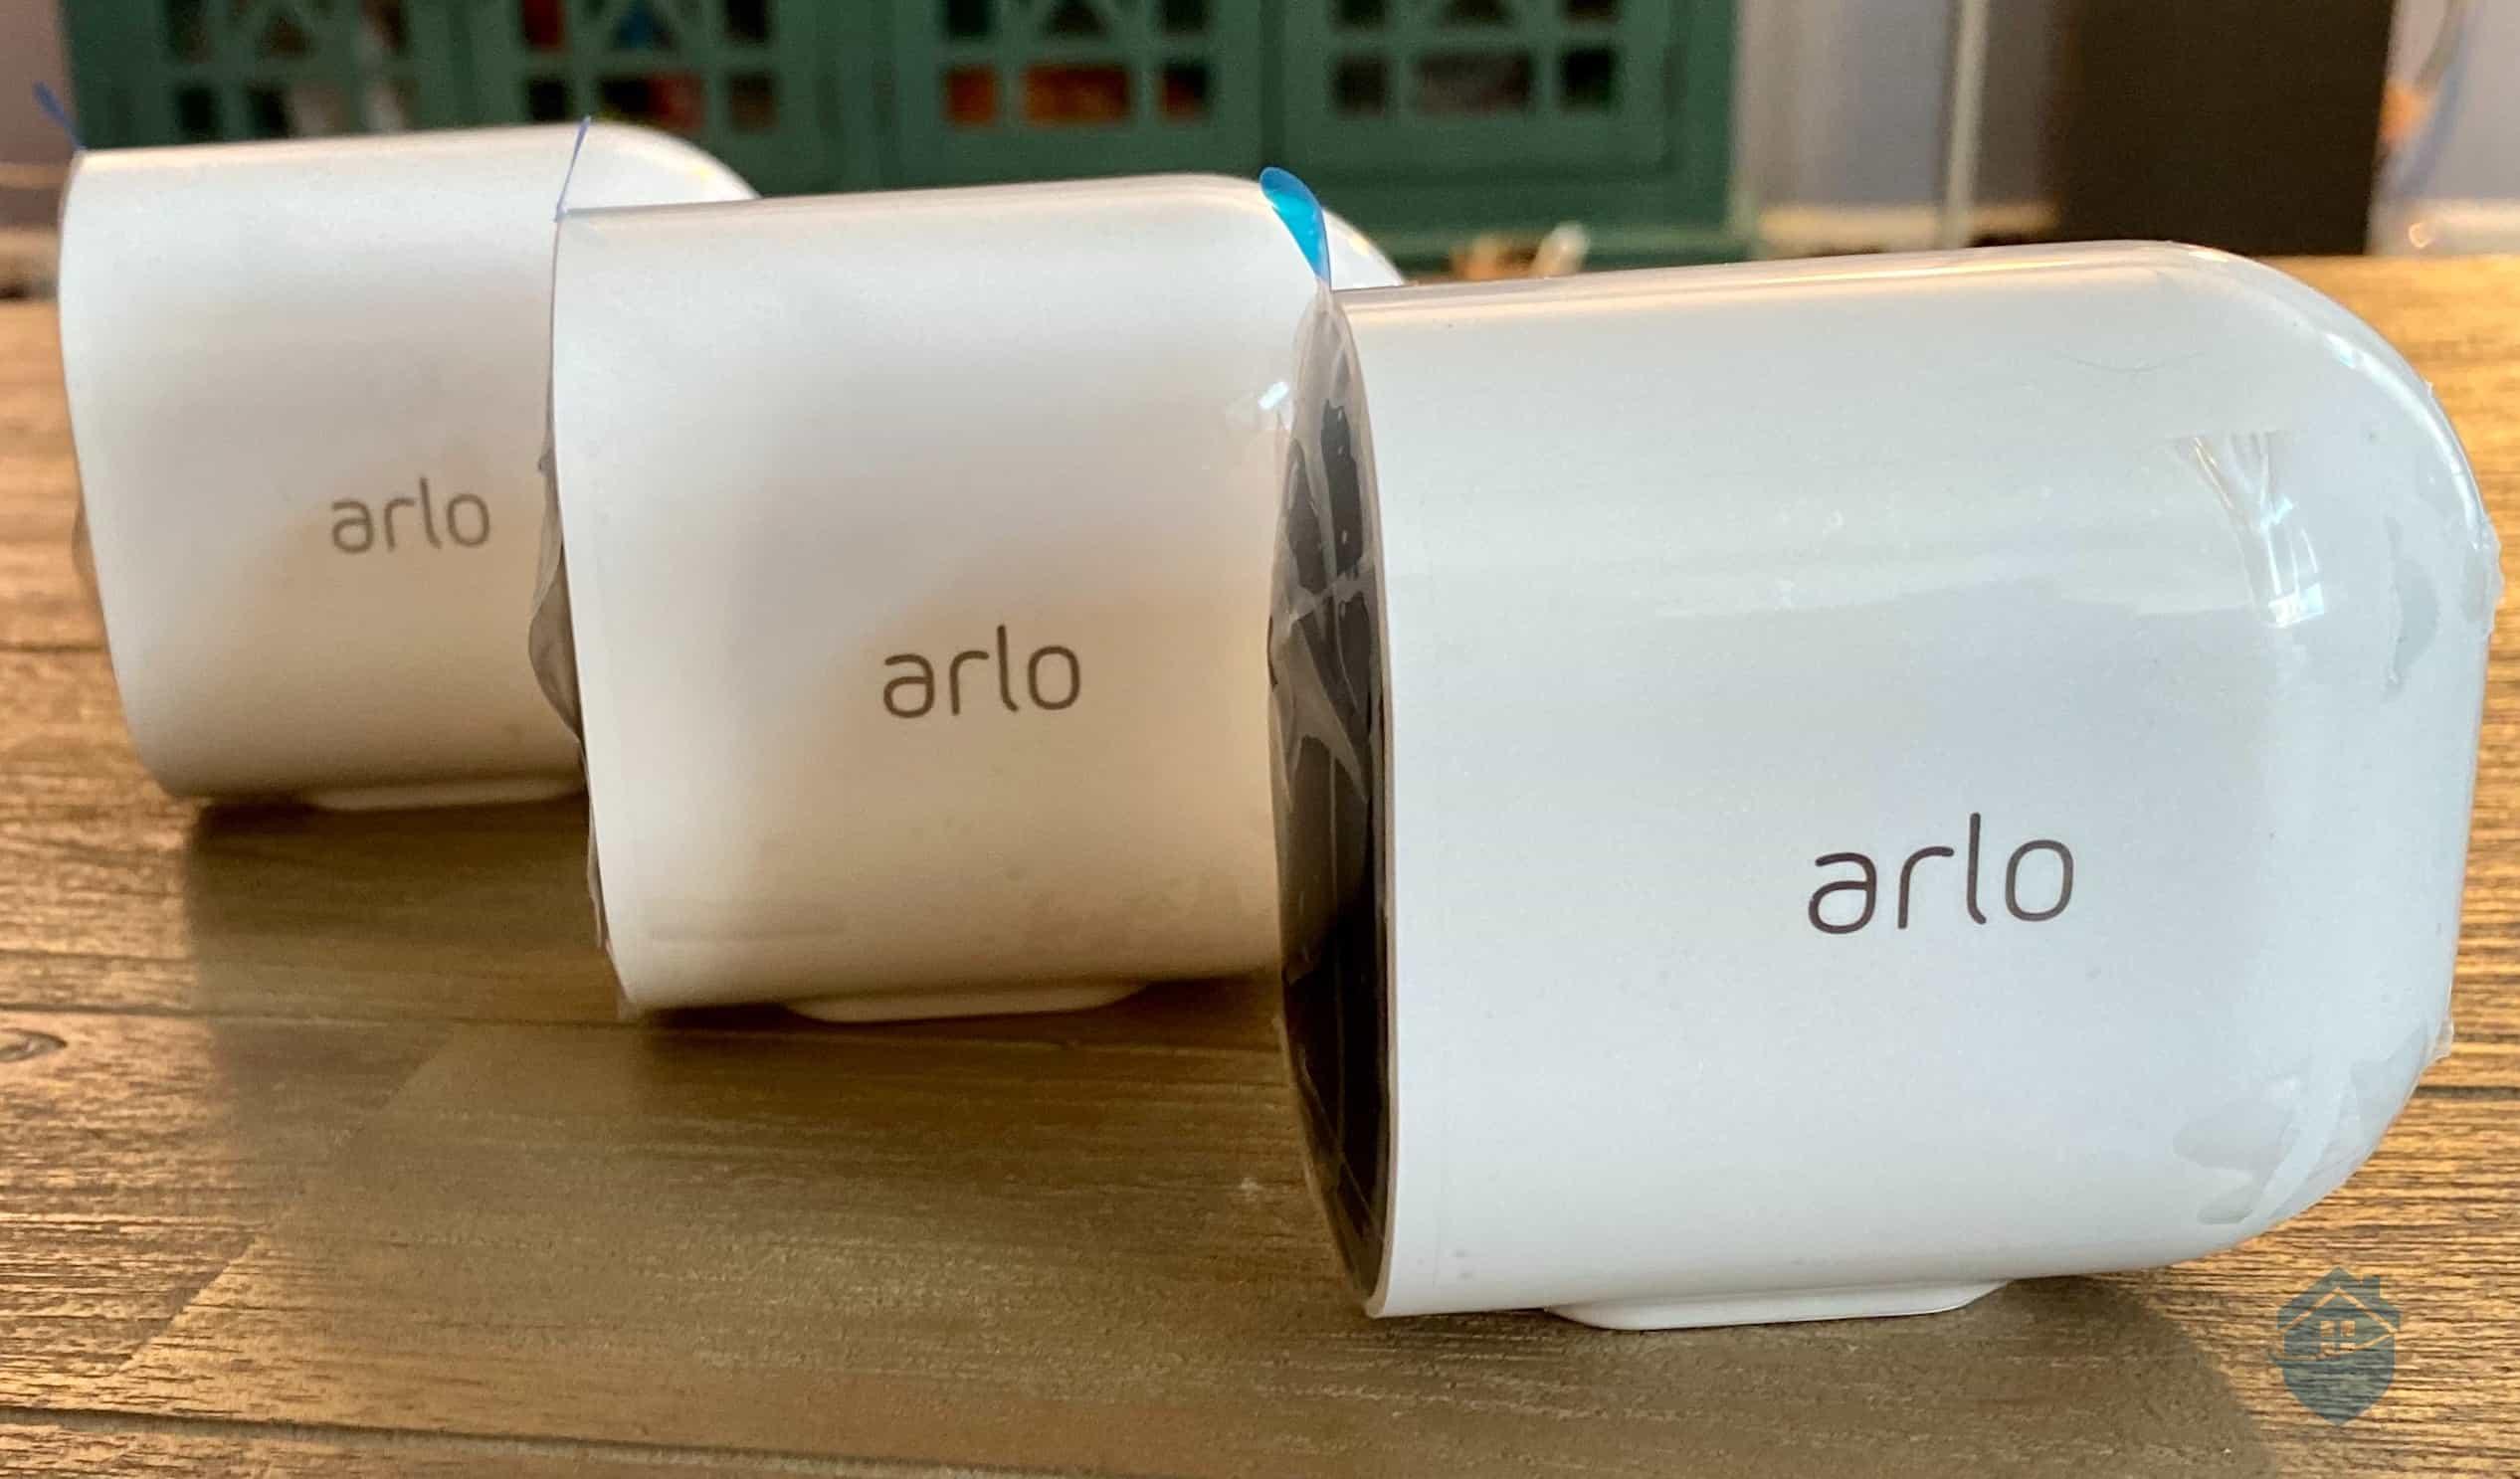 Arlo - 3 Cameras